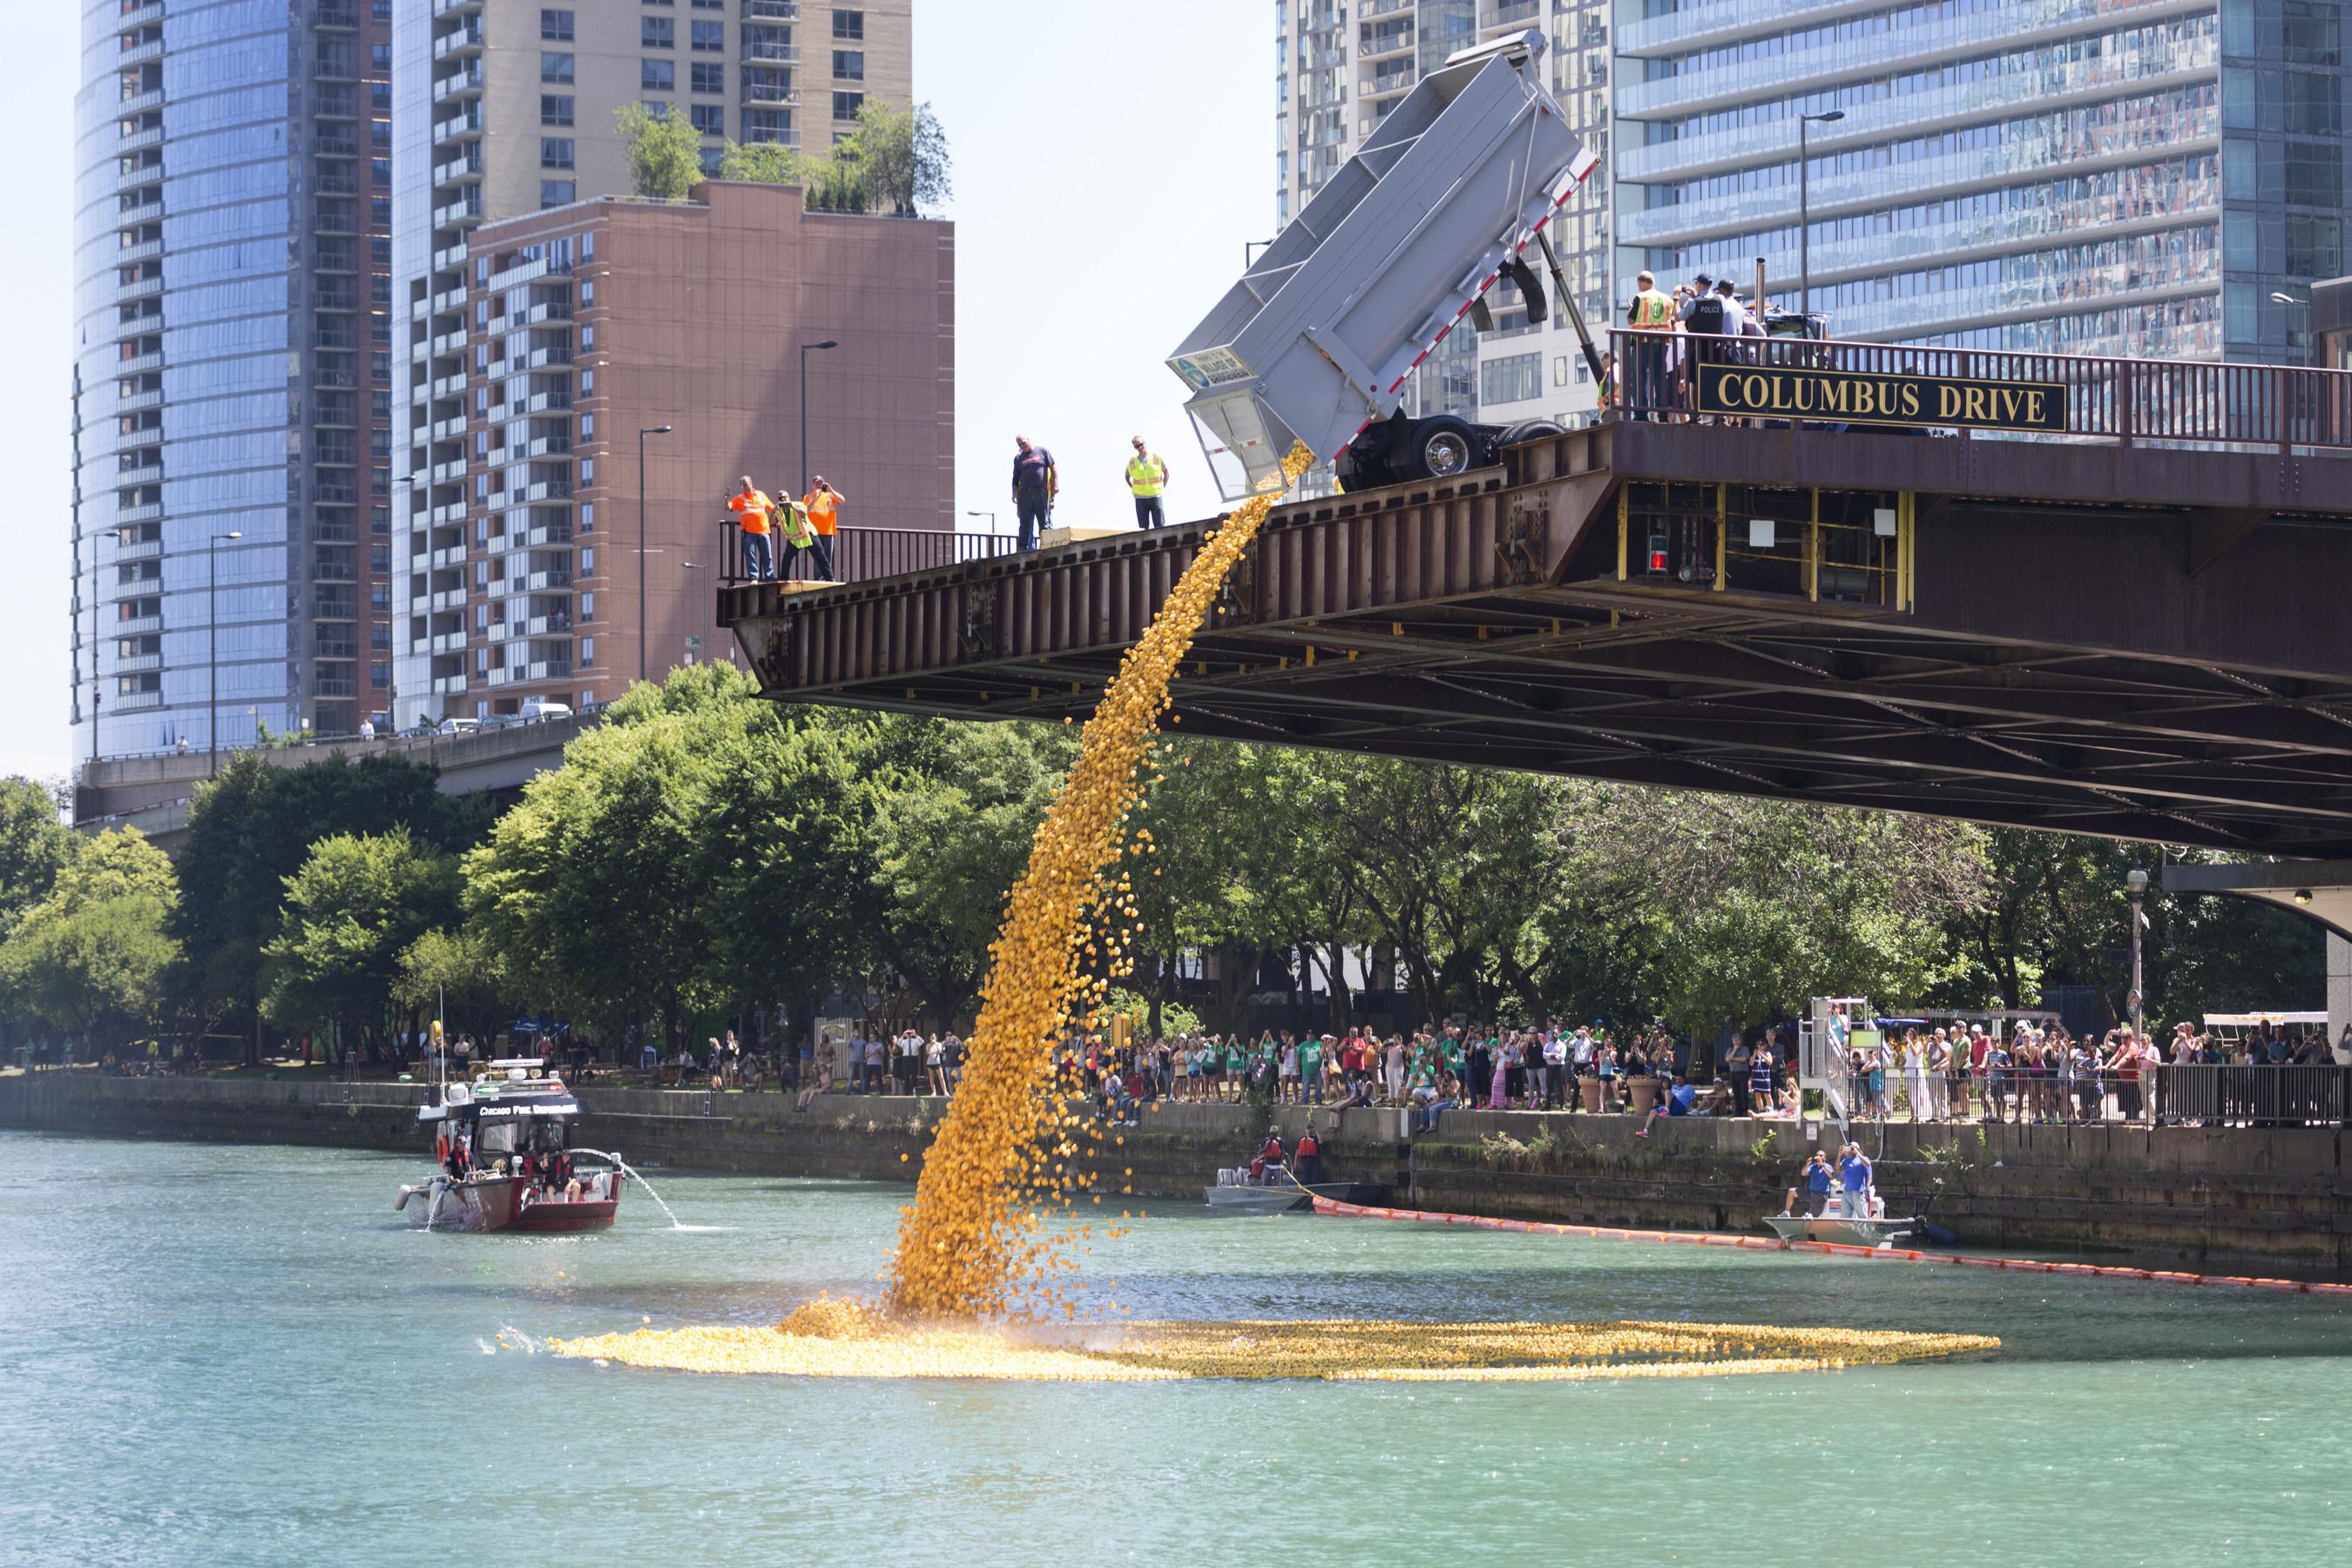 60 000 Rubber Ducks Will Splash Into The Chicago River